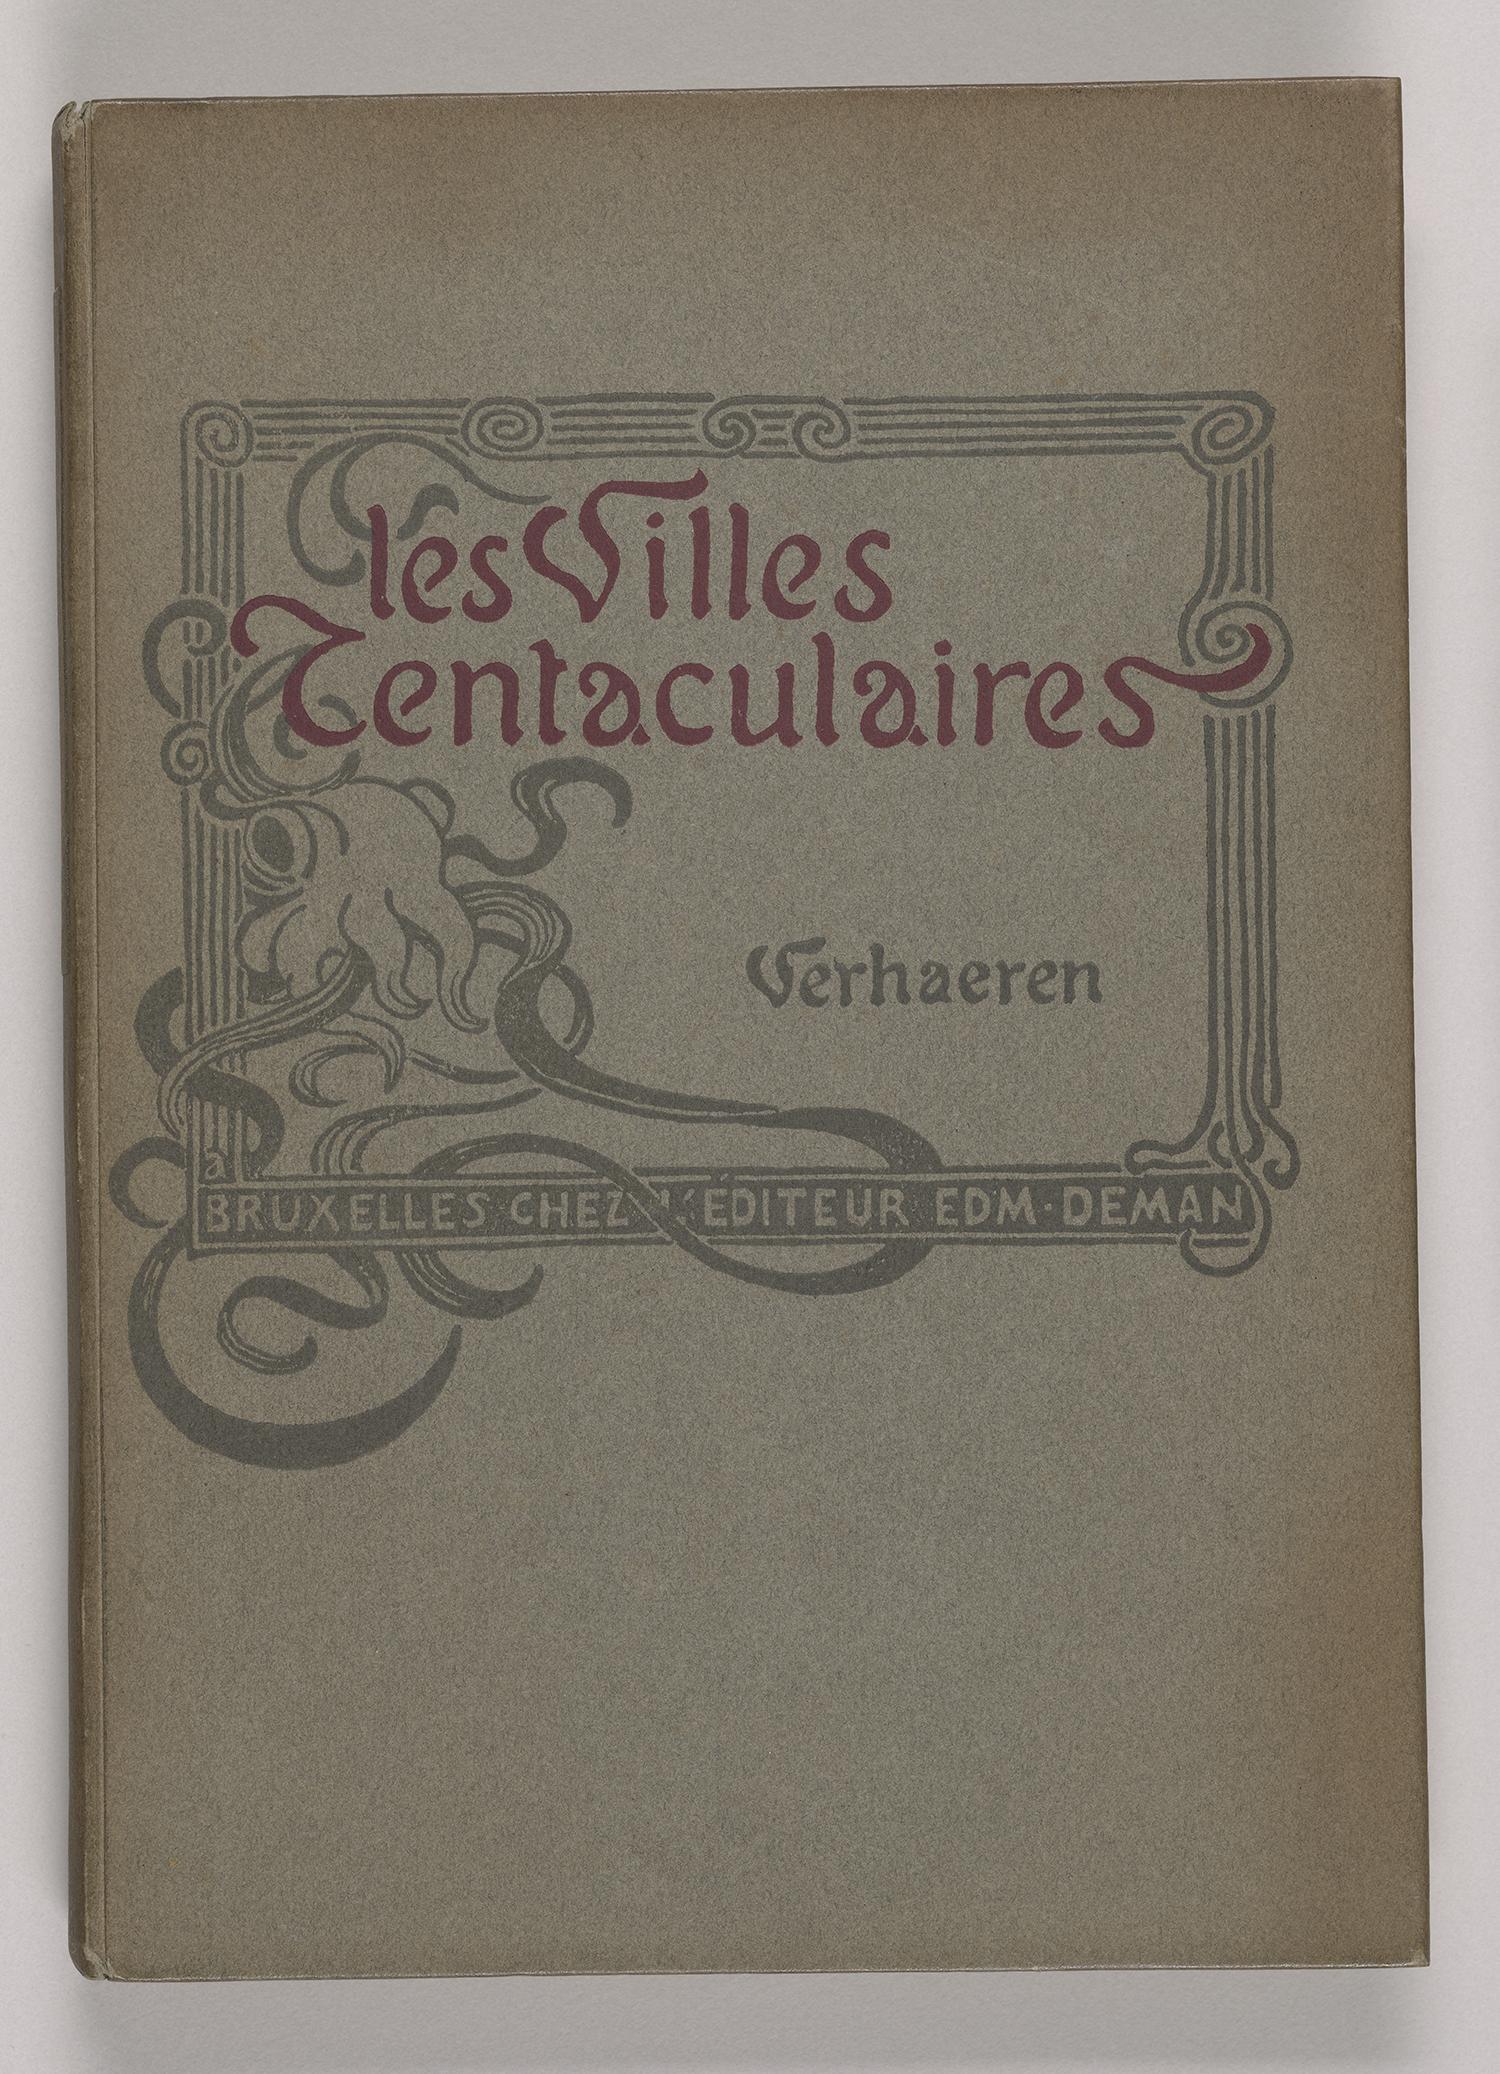 Verhaeren, Emile, 1855-1916.  Les villes tentaculaires.  [Bruxelles, E. Deman, 1895], front cover, Heineman 600